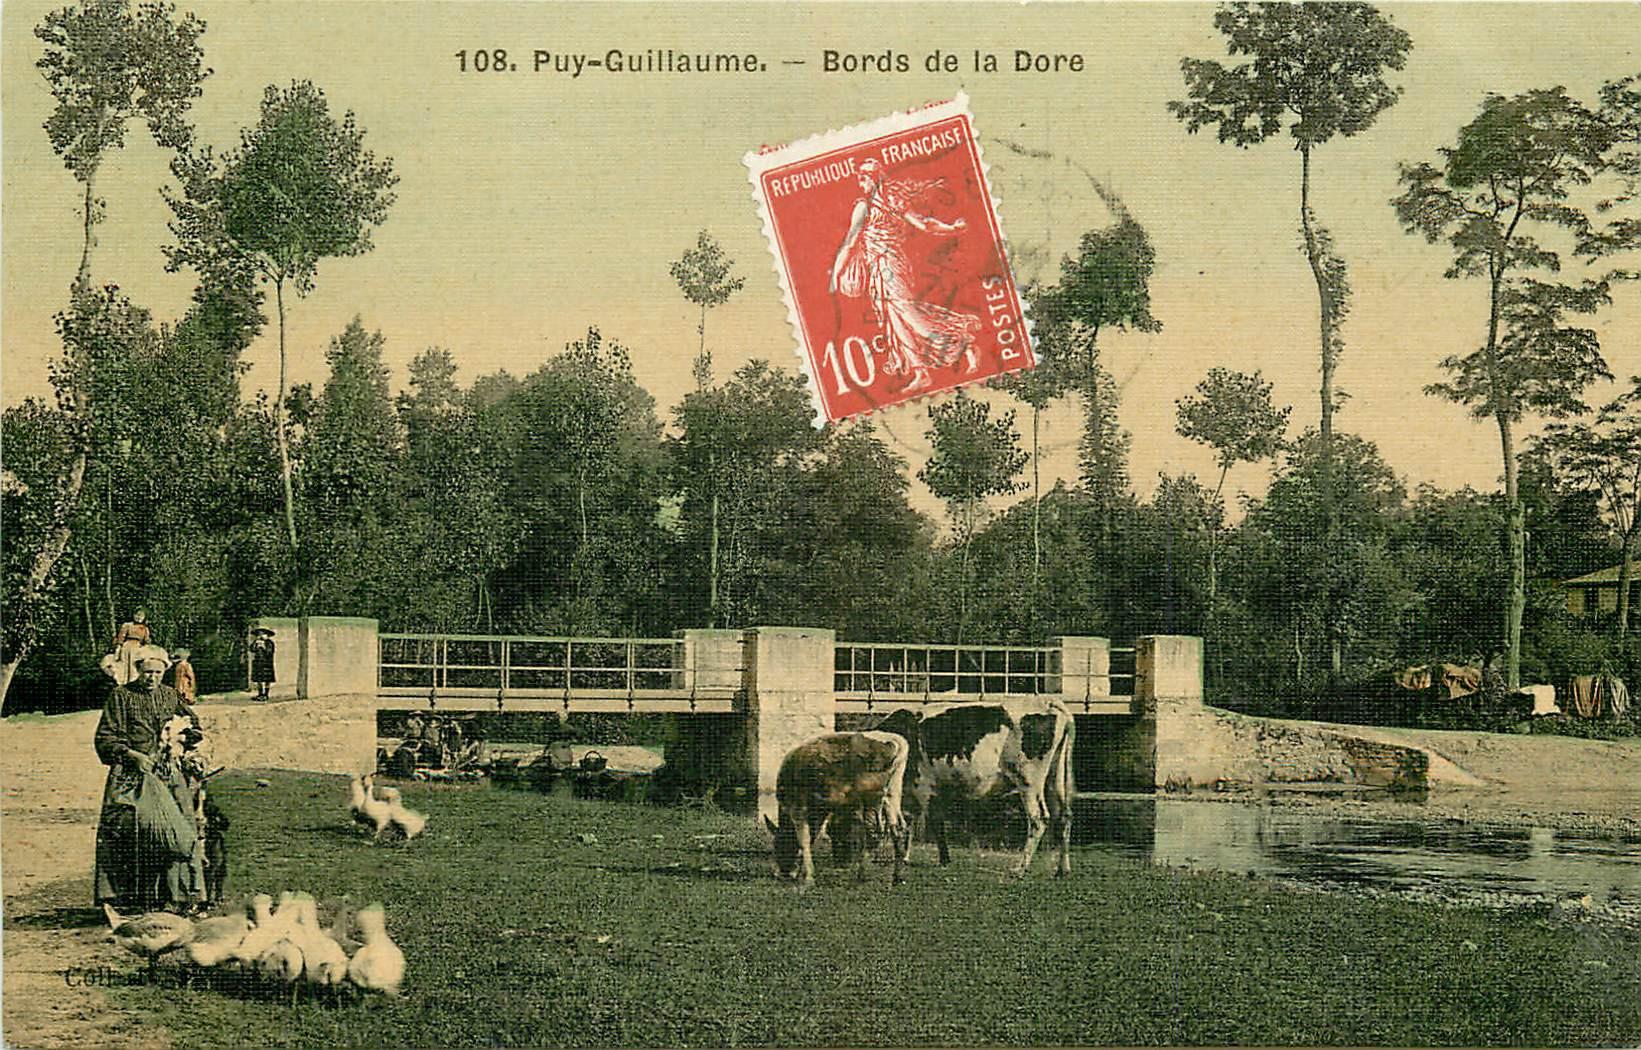 WW 63 PUY-GUILLAUME. Eleveuse de canards ou oies avec vaches sur les Bords de la Dore 1908